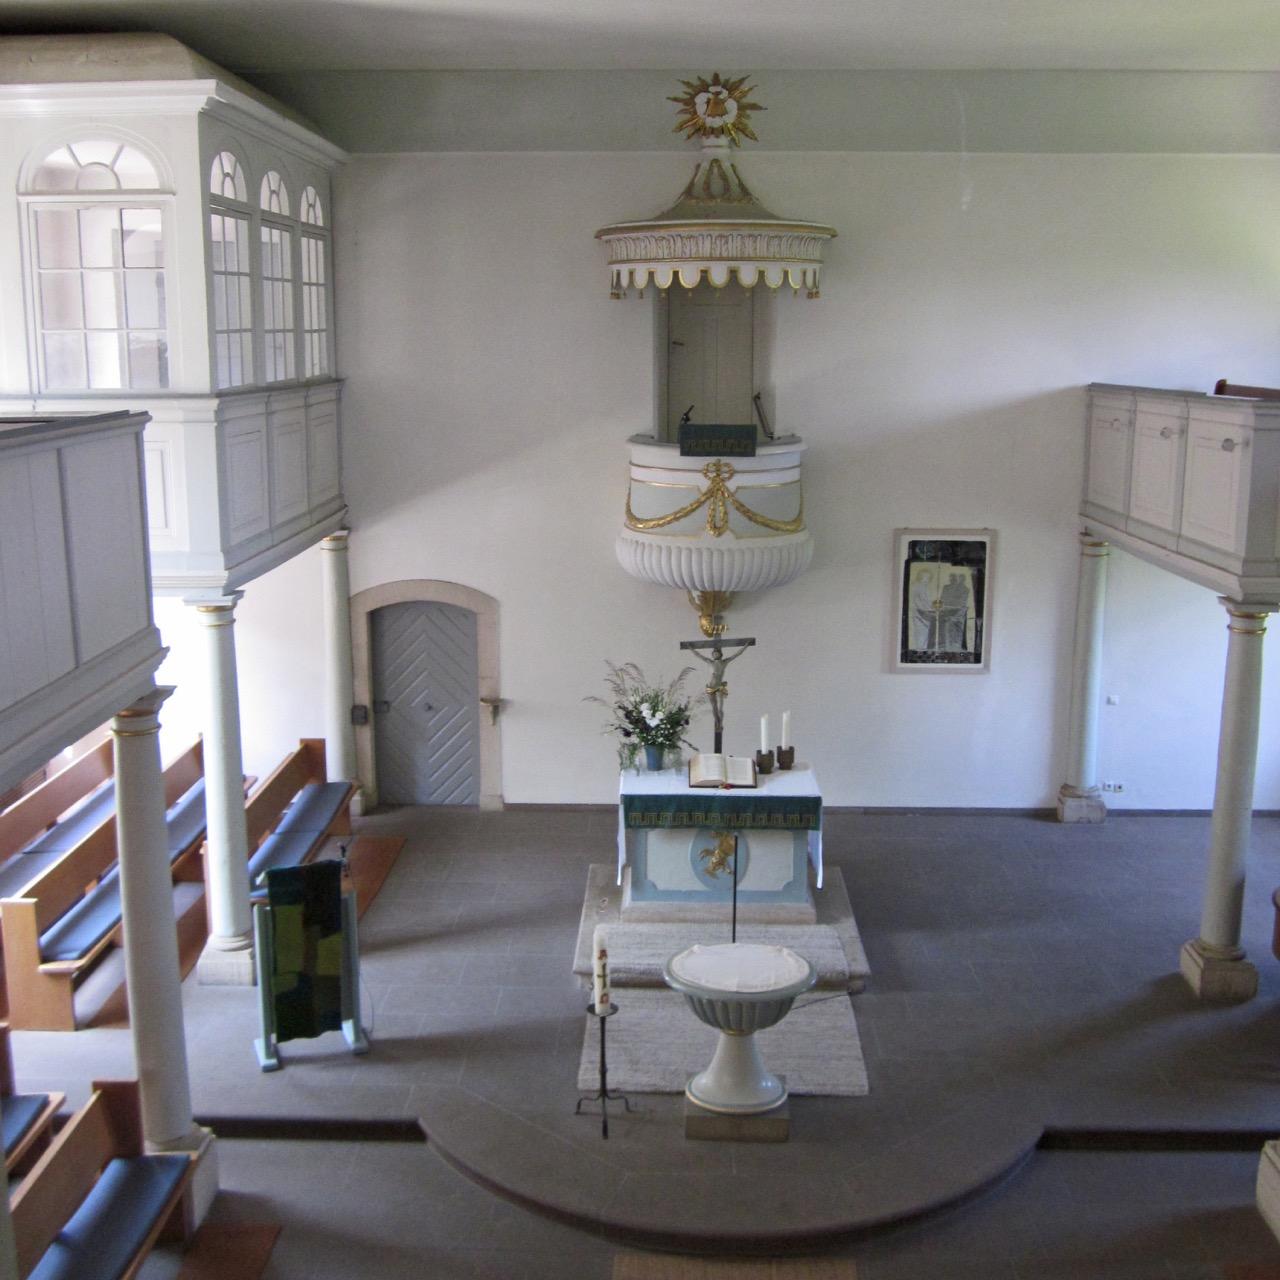 Franziskakirche, Innenansicht von der Empore